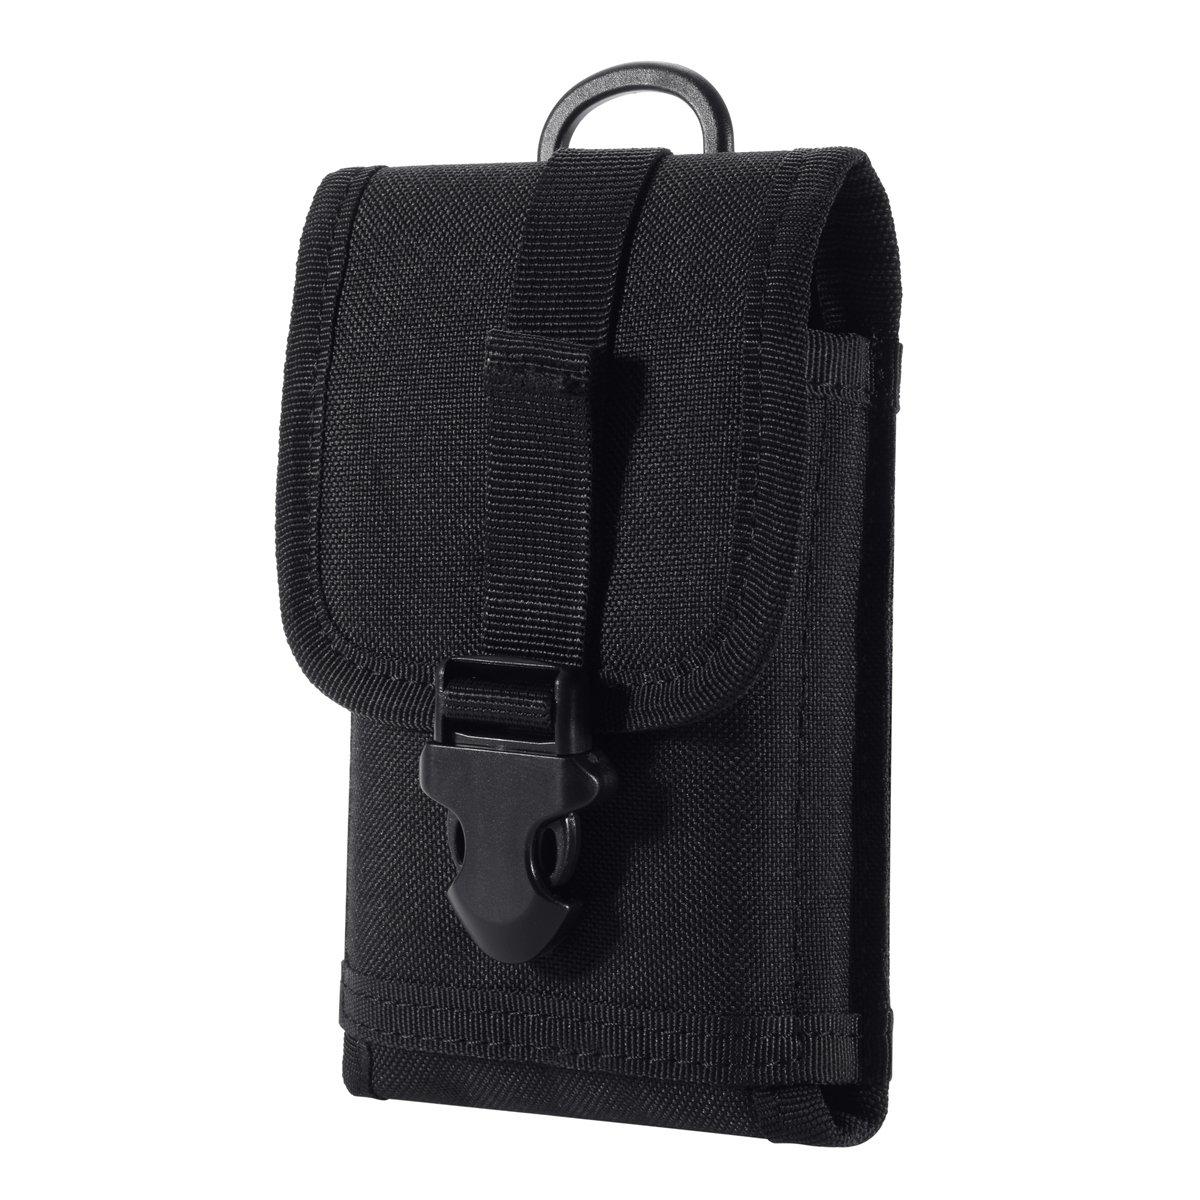 zeato EDC táctico militar MOLLE bolsa de teléfono bolsa de camuflaje cintura Holster con cinturón Clip 1000d nailon Touch deber para iphone 7plus 6s 6Plus Galaxy Note 5S8S7S6edge LG Sony y más (negro) AG-TP002B